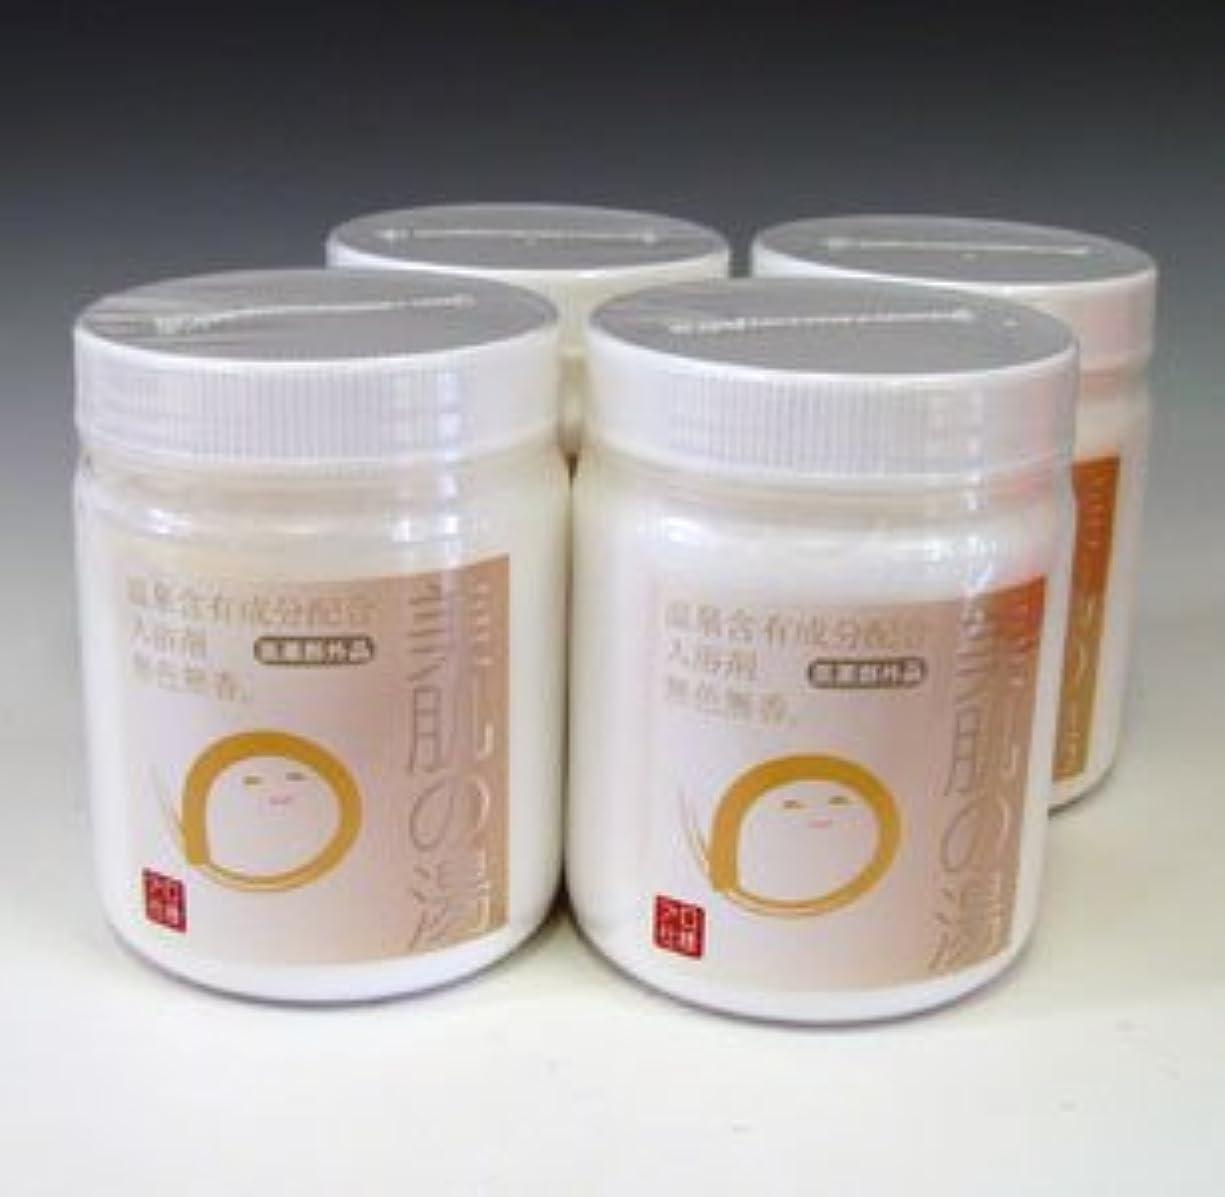 早くせがむおびえた温泉入浴剤 アルカリ単純泉PH9.5 美肌の湯600g 4本セット